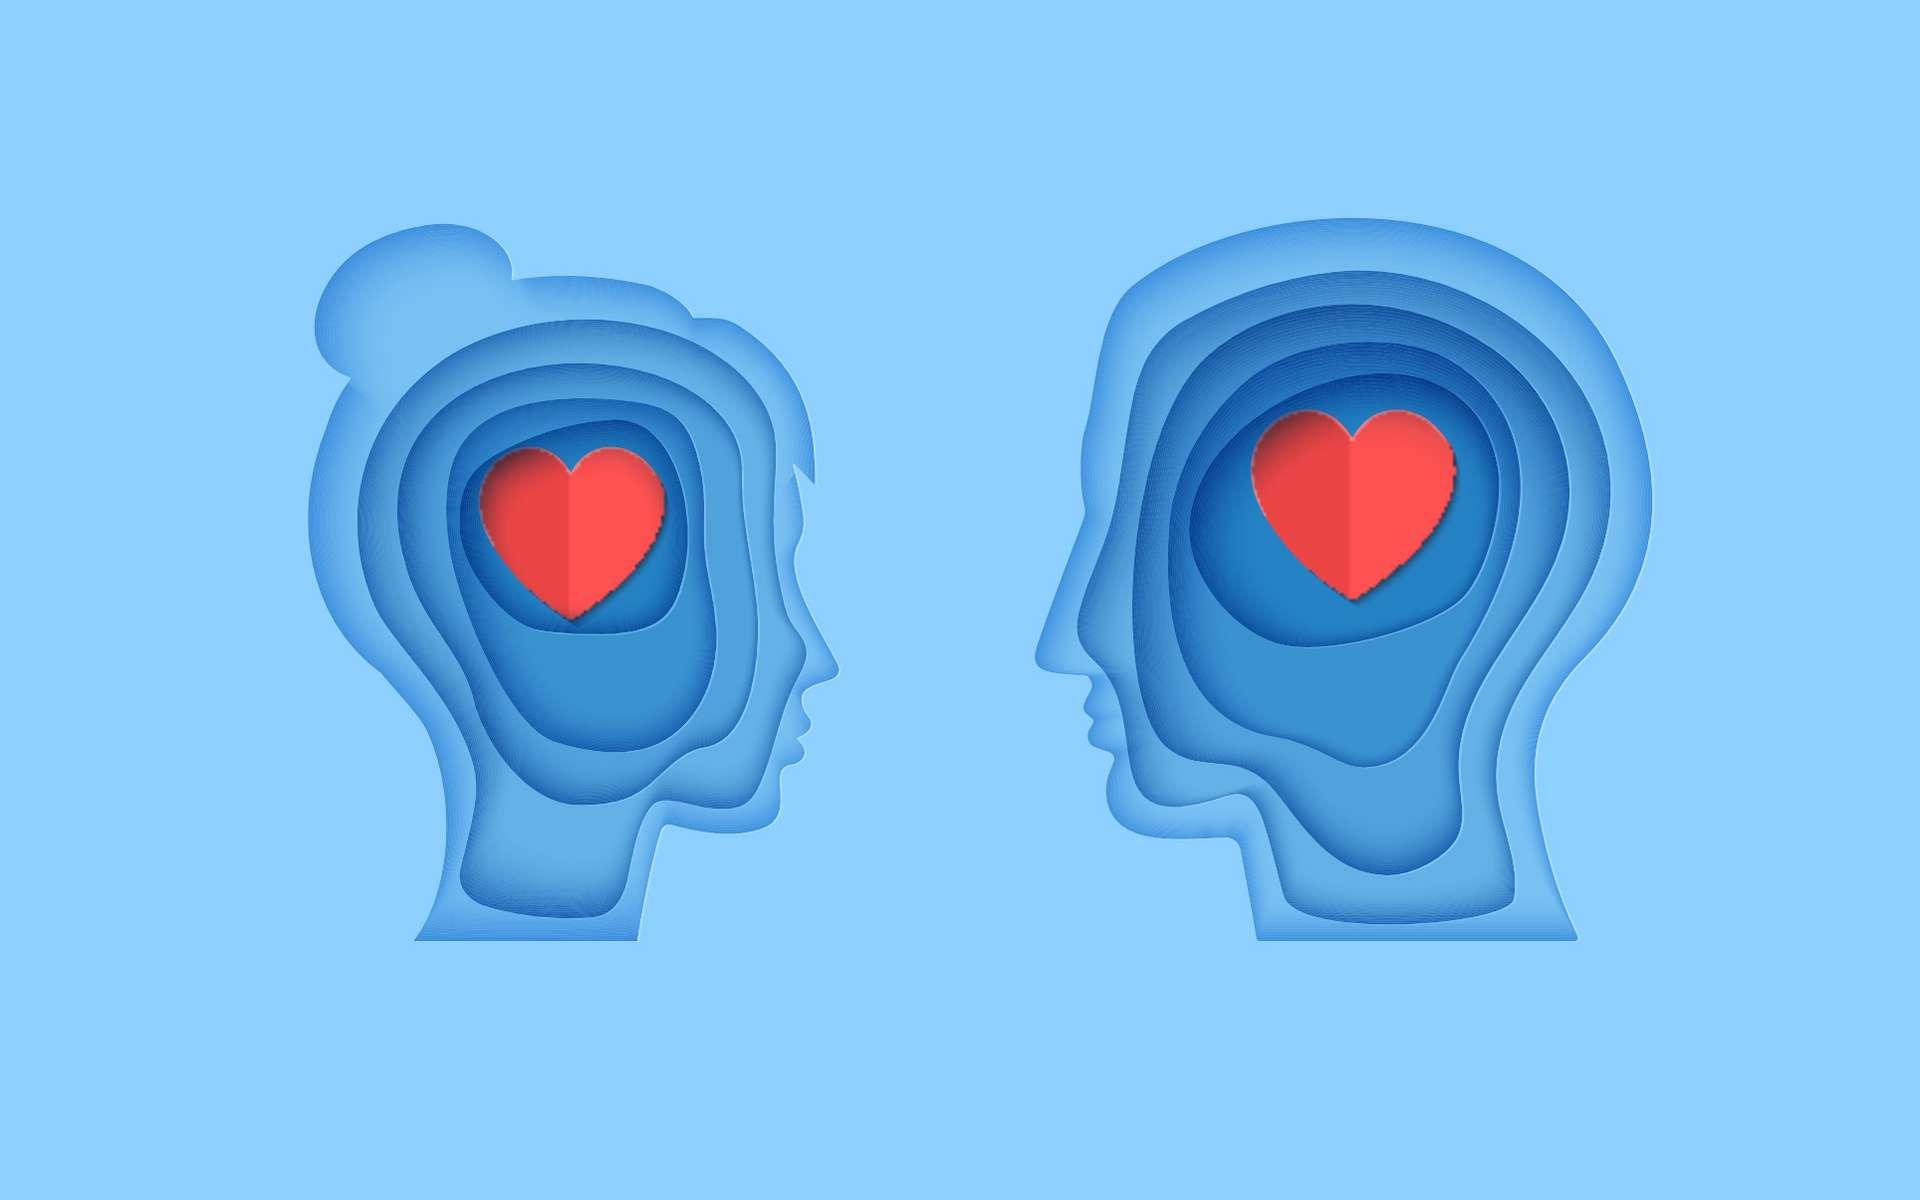 Notre conjoint(e) est malheureusement moins futé(e) que ce que nous croyons. © jolygon, Adobe Stock